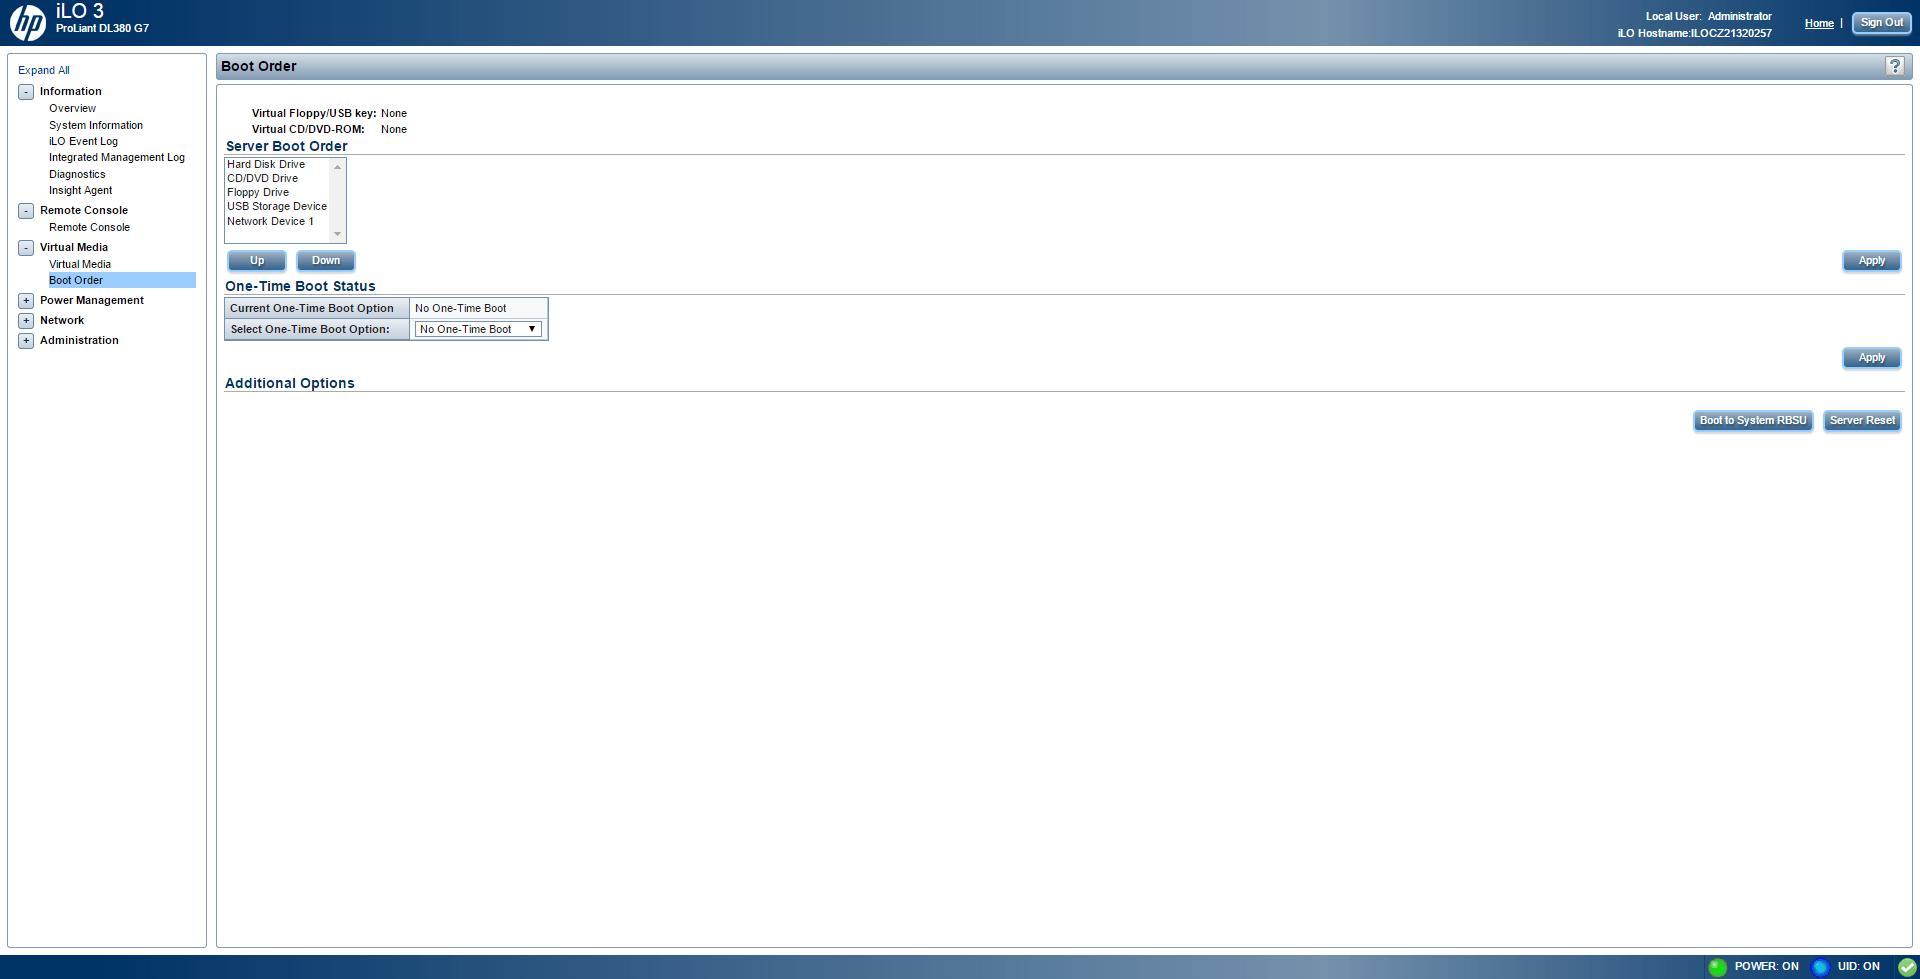 Обзор параметров ILO 3 в HP dl380 g7-16